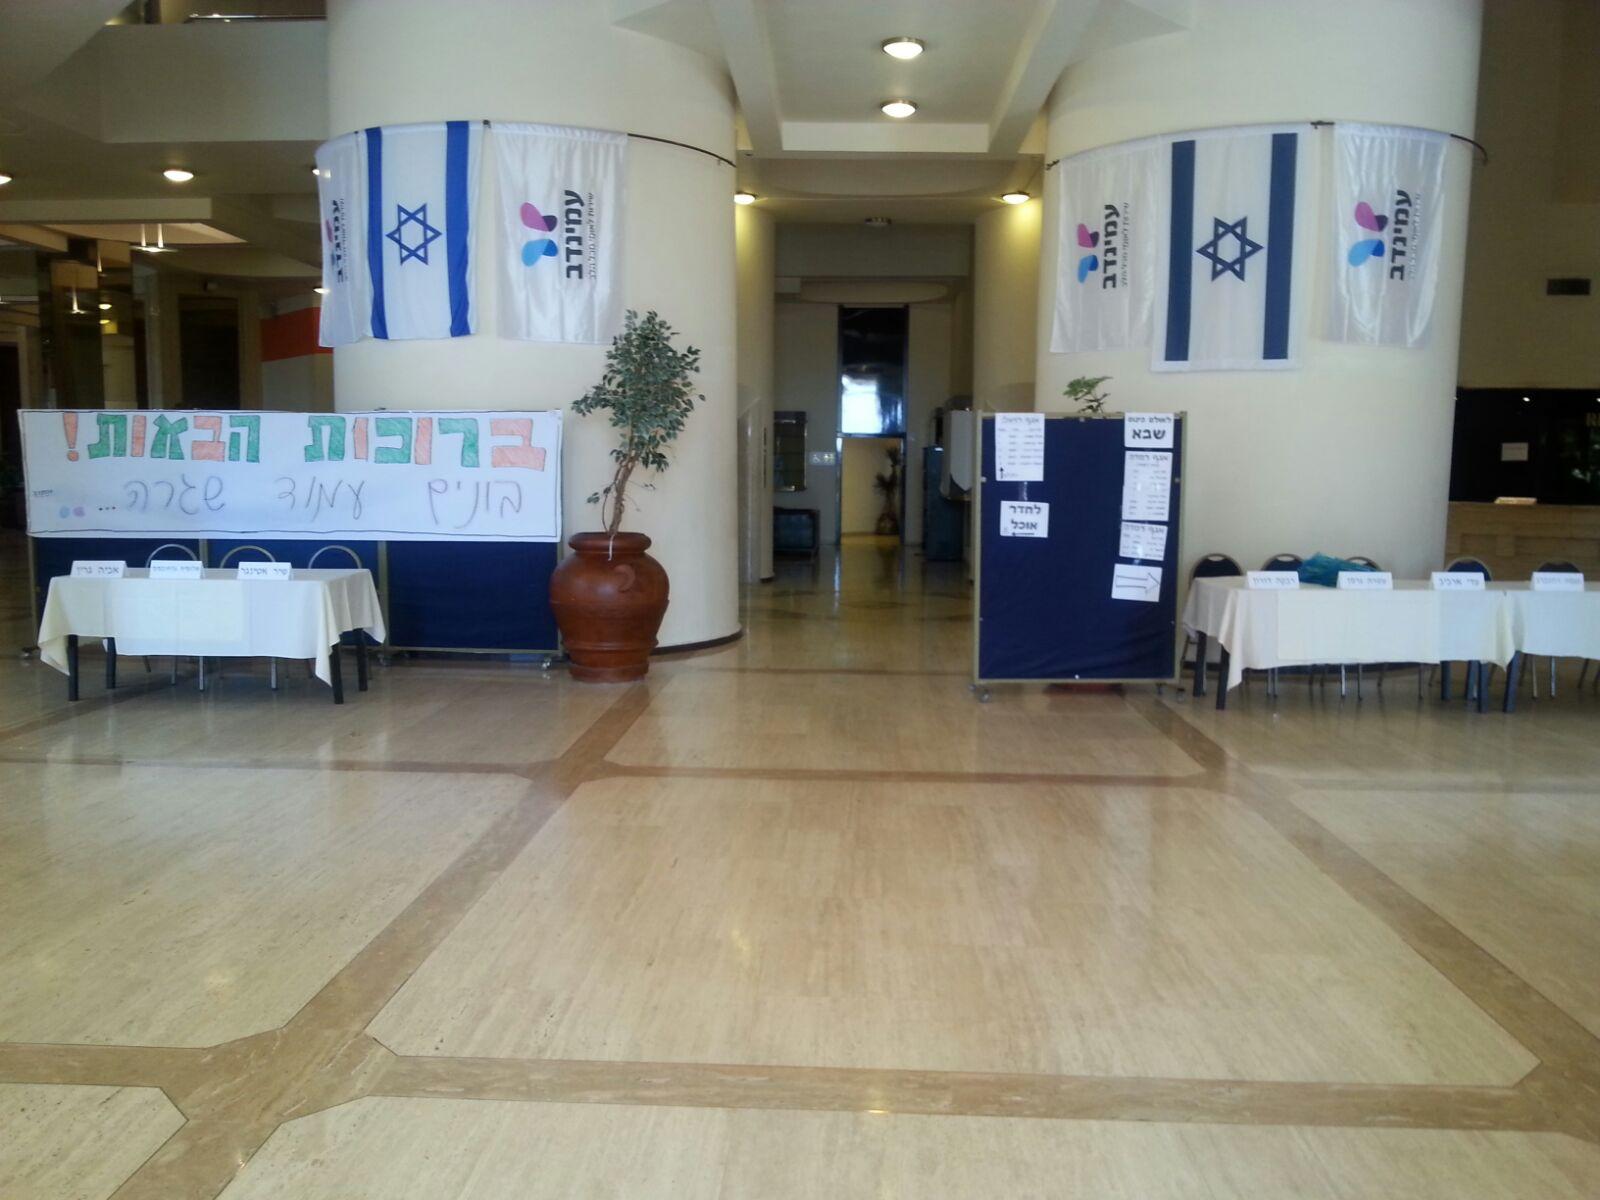 הכניסה המקושטת בדגלי עמינדב לסמינריון